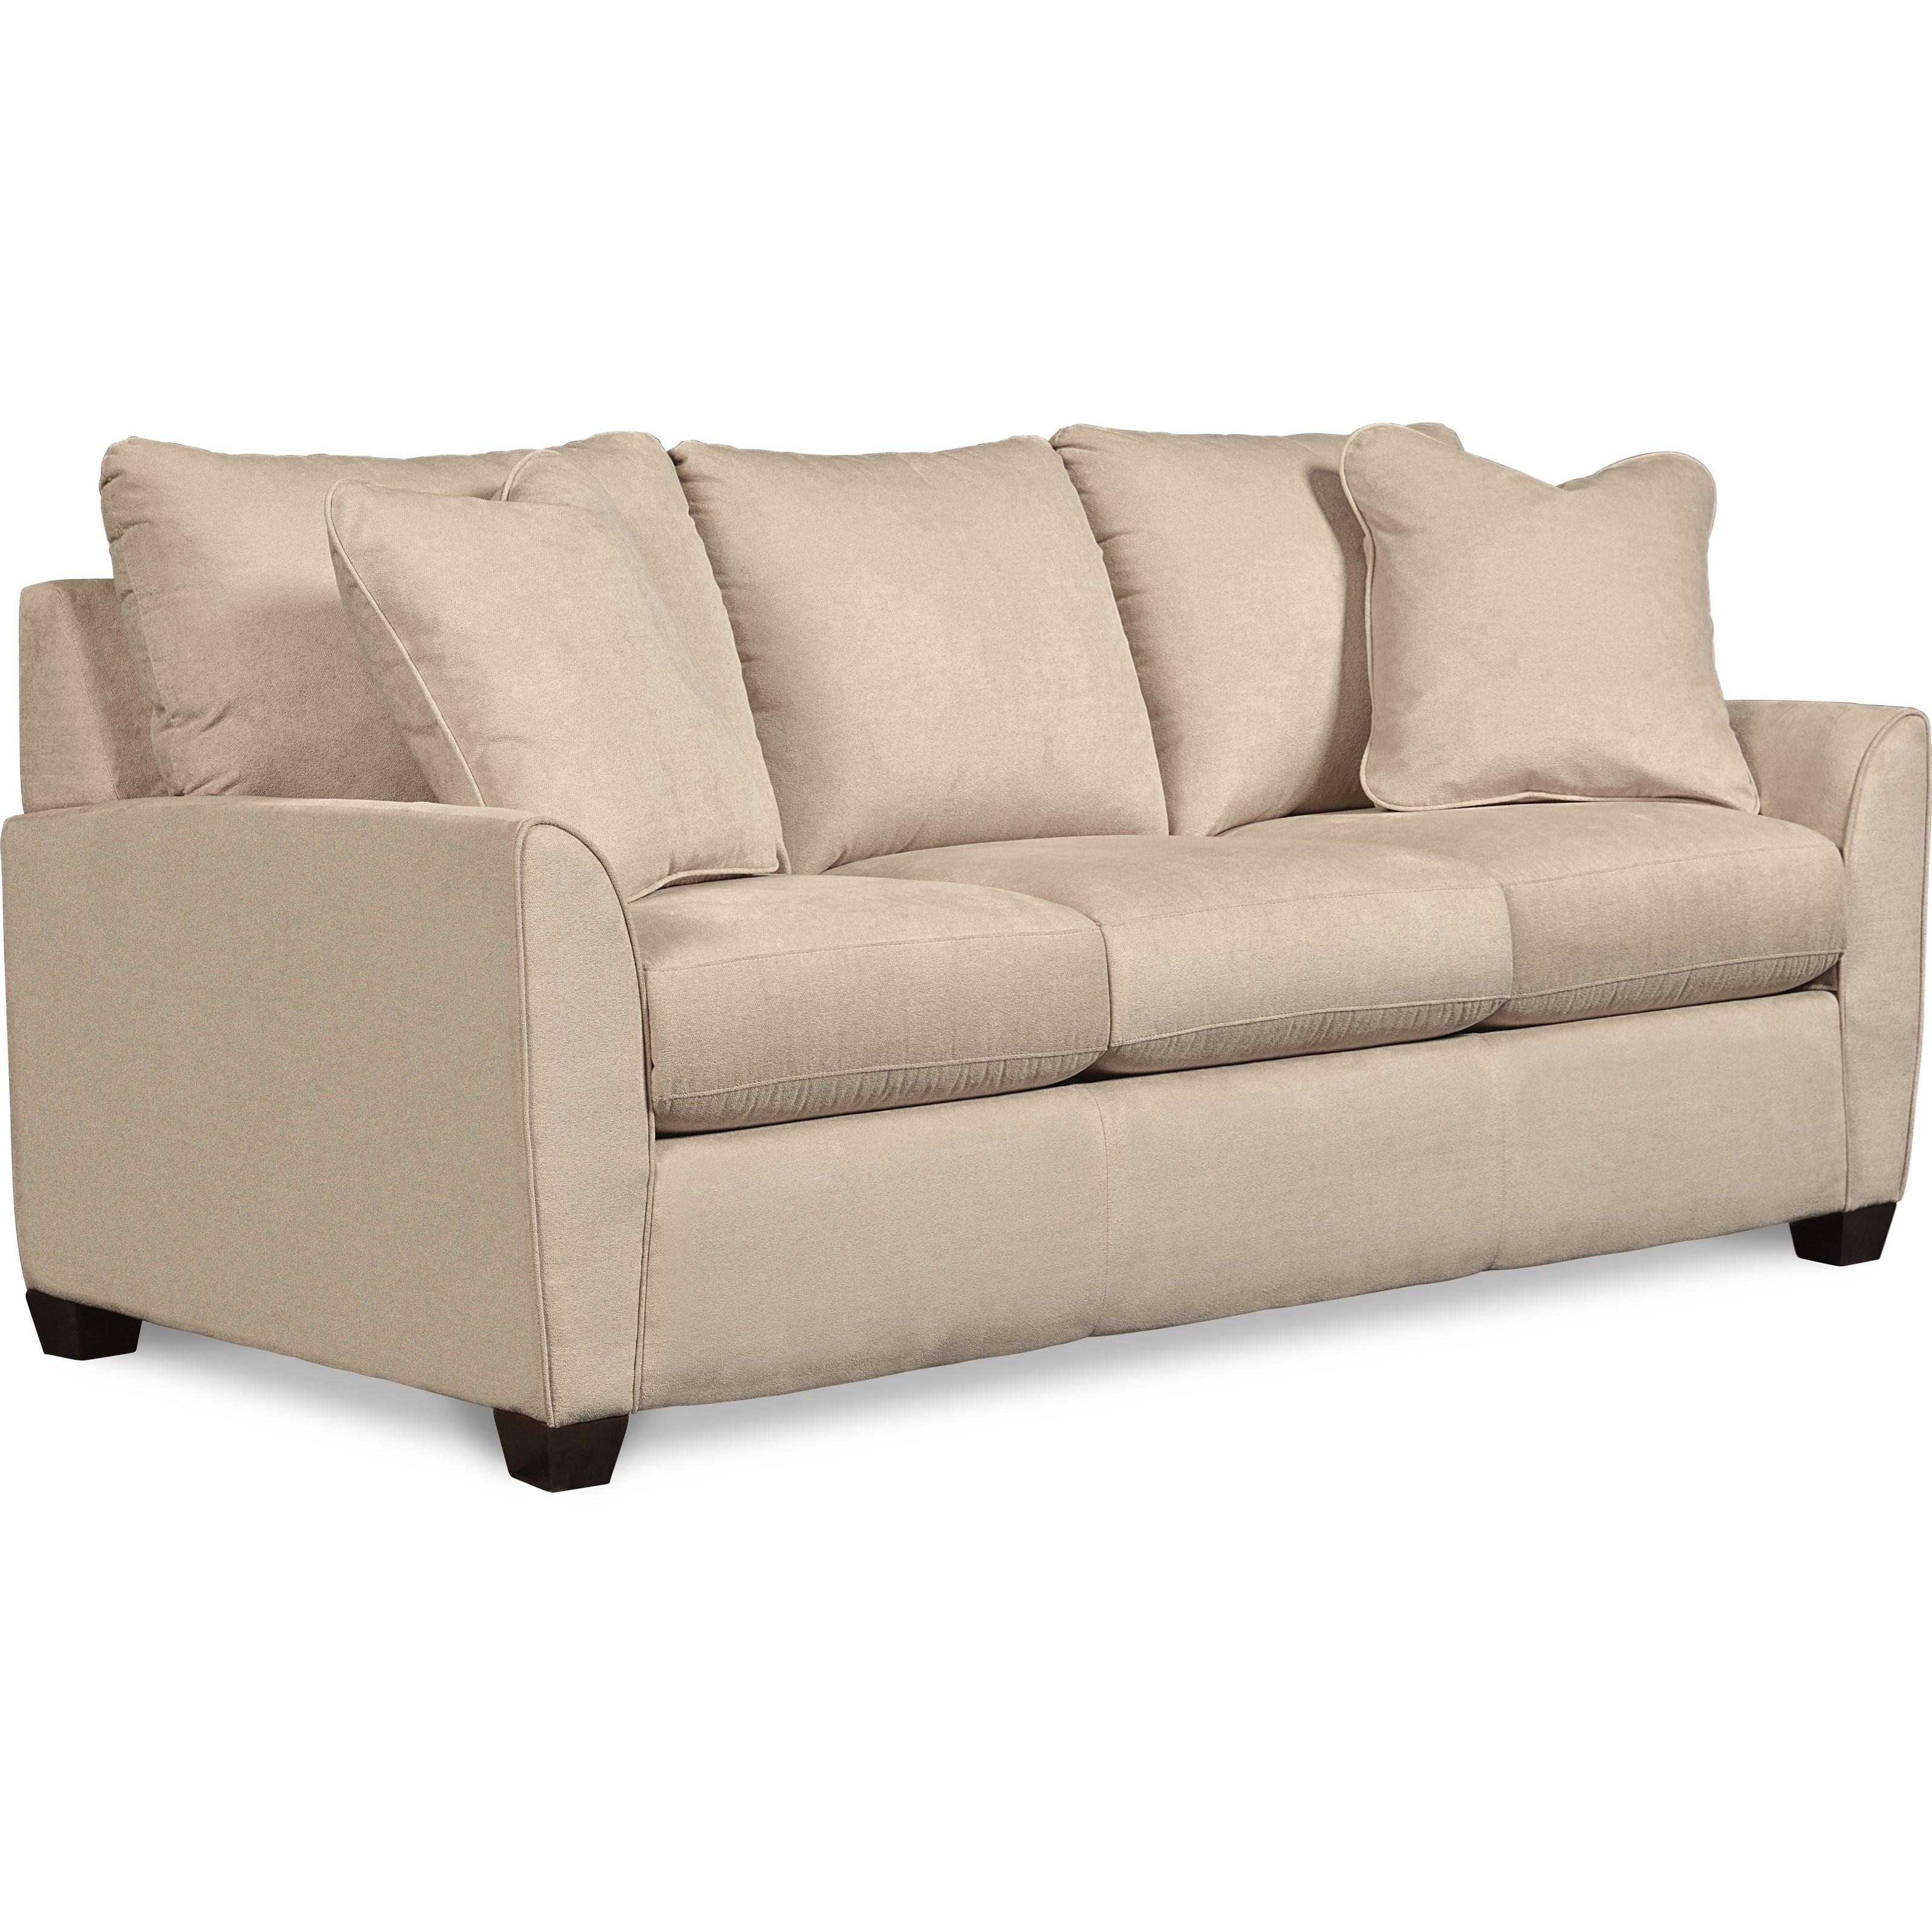 La Z Boy Kennedy Premier Queen Sleeper Sofa Reviews Wayfair